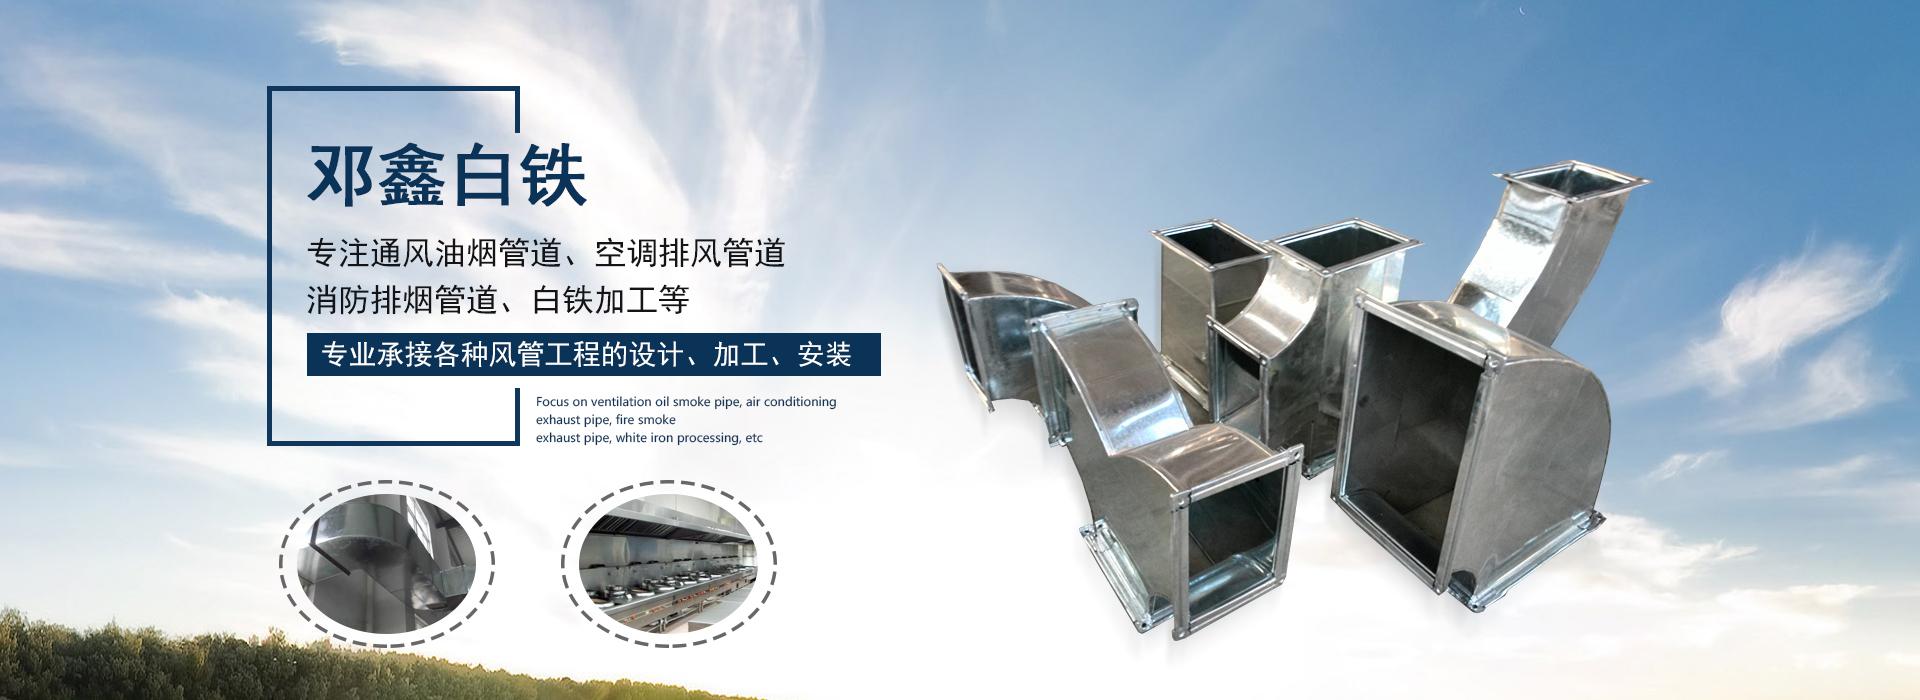 承接白铁加工、风管加工等重庆通风管道工程的设计、生产及安装